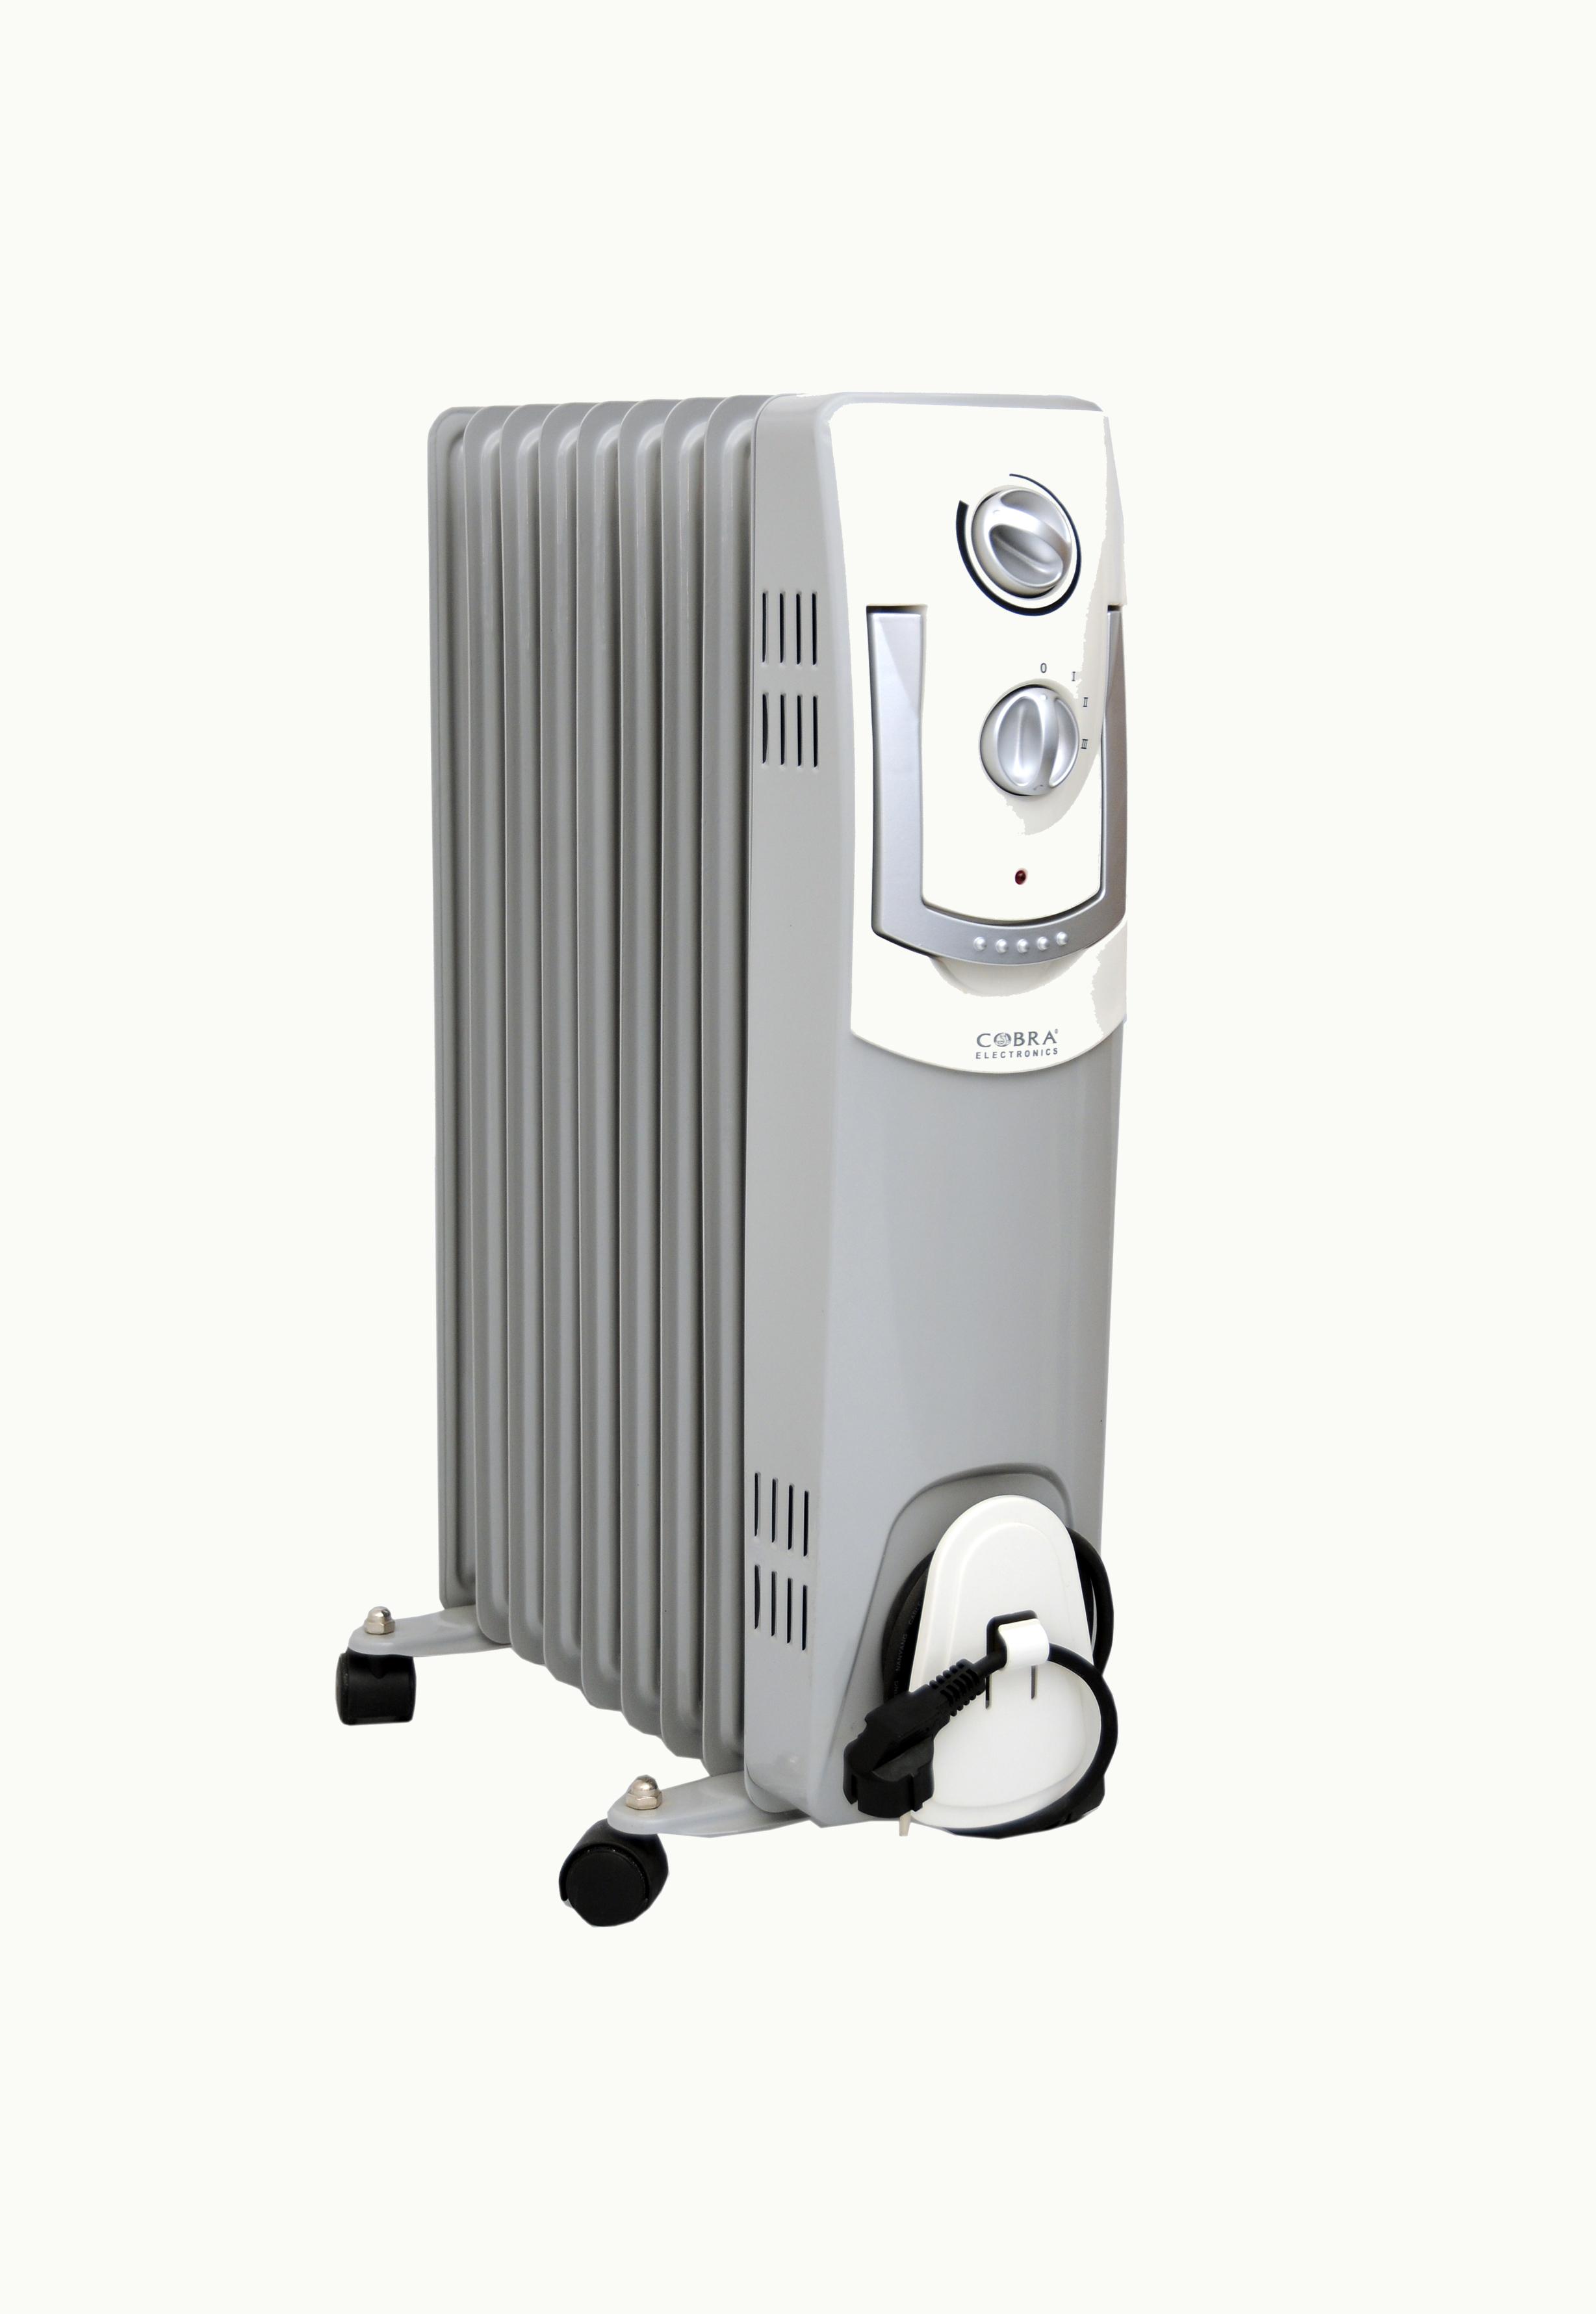 Radiateur Soufflant Consommation pour ahurissant radiateur bain d huile renaa conception - radiateur bain